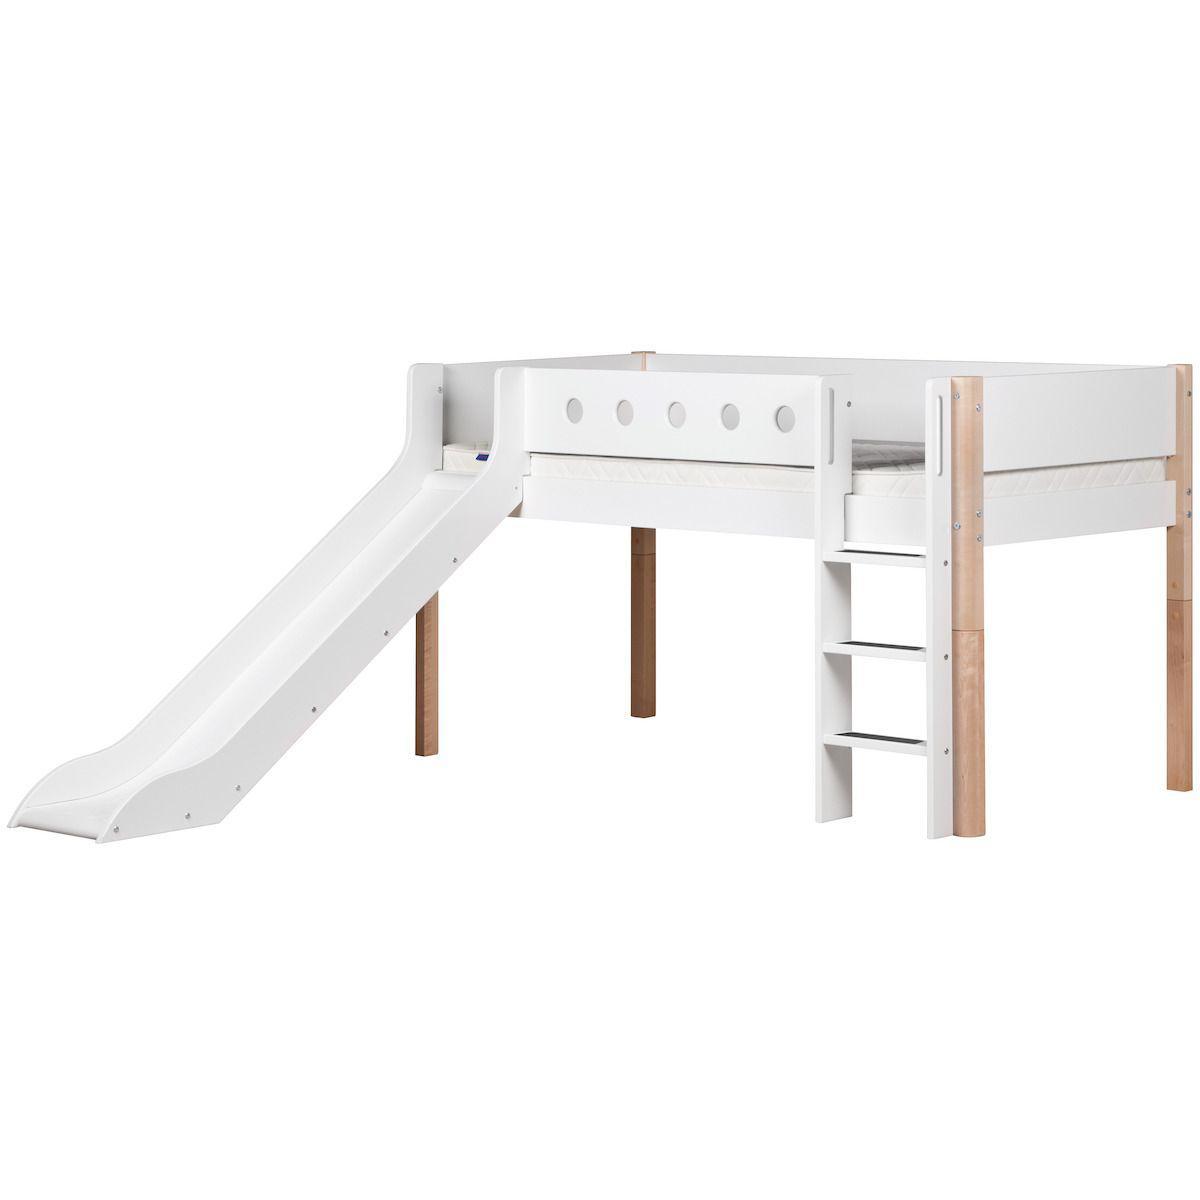 Cama media alta 90x200 WHITE Flexa escalera recta tobogán barrera blanca patas abedul